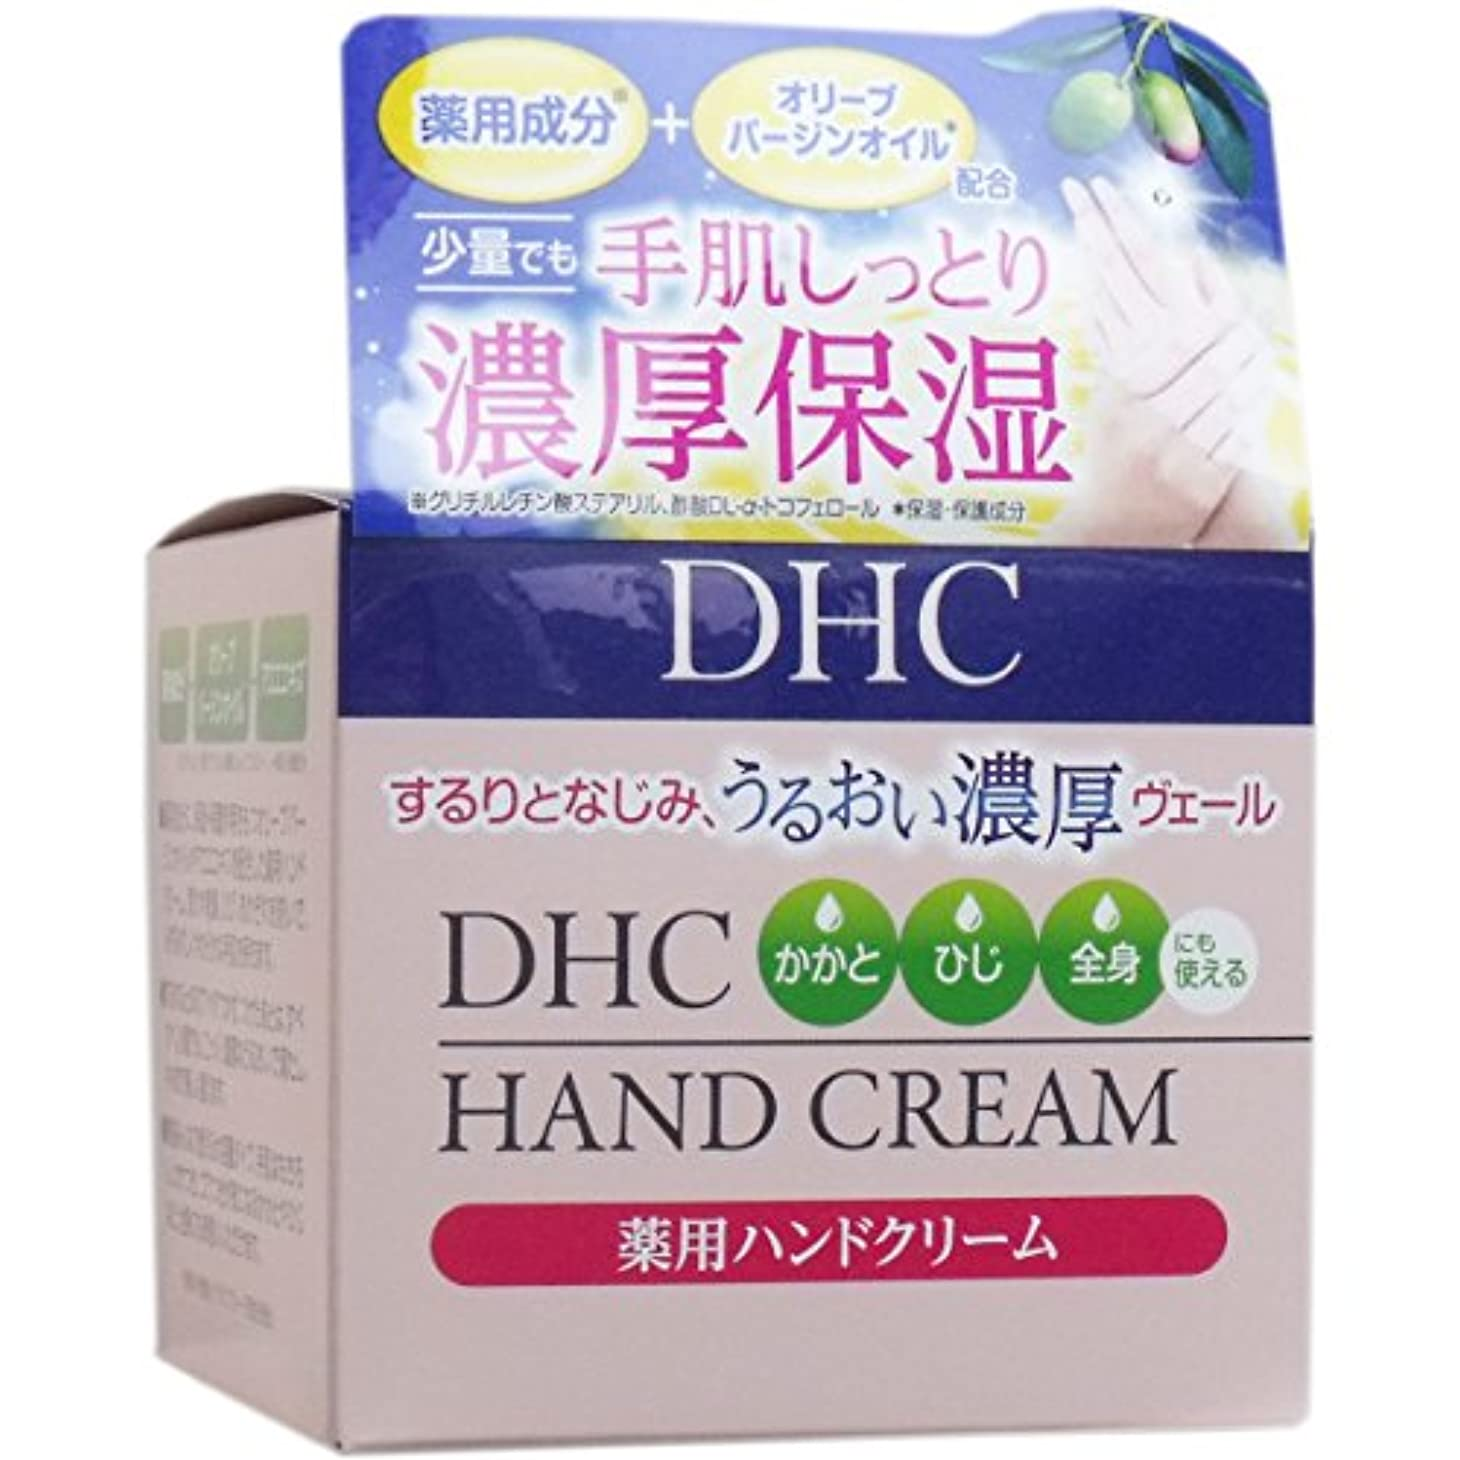 迅速独創的スペイン語[2月25日まで特価]DHC 薬用 ハンドクリーム 120g×2個セット